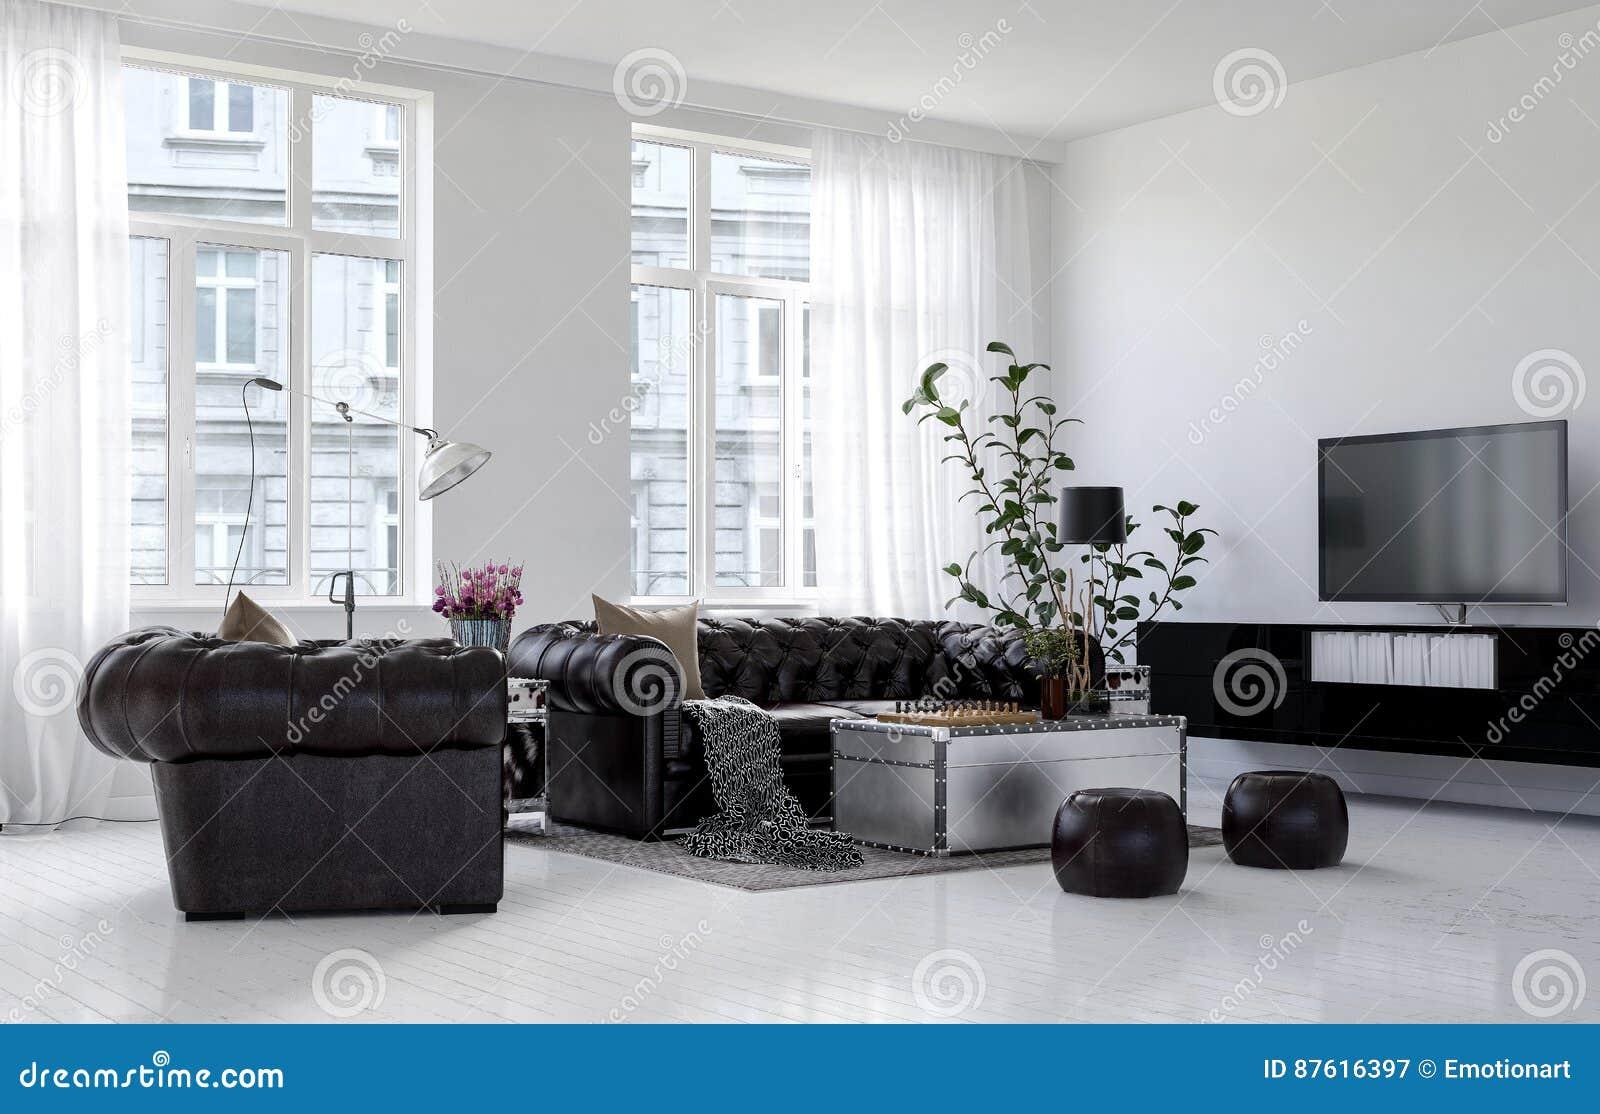 https://thumbs.dreamstime.com/z/ruime-woonkamer-met-witte-muren-87616397.jpg